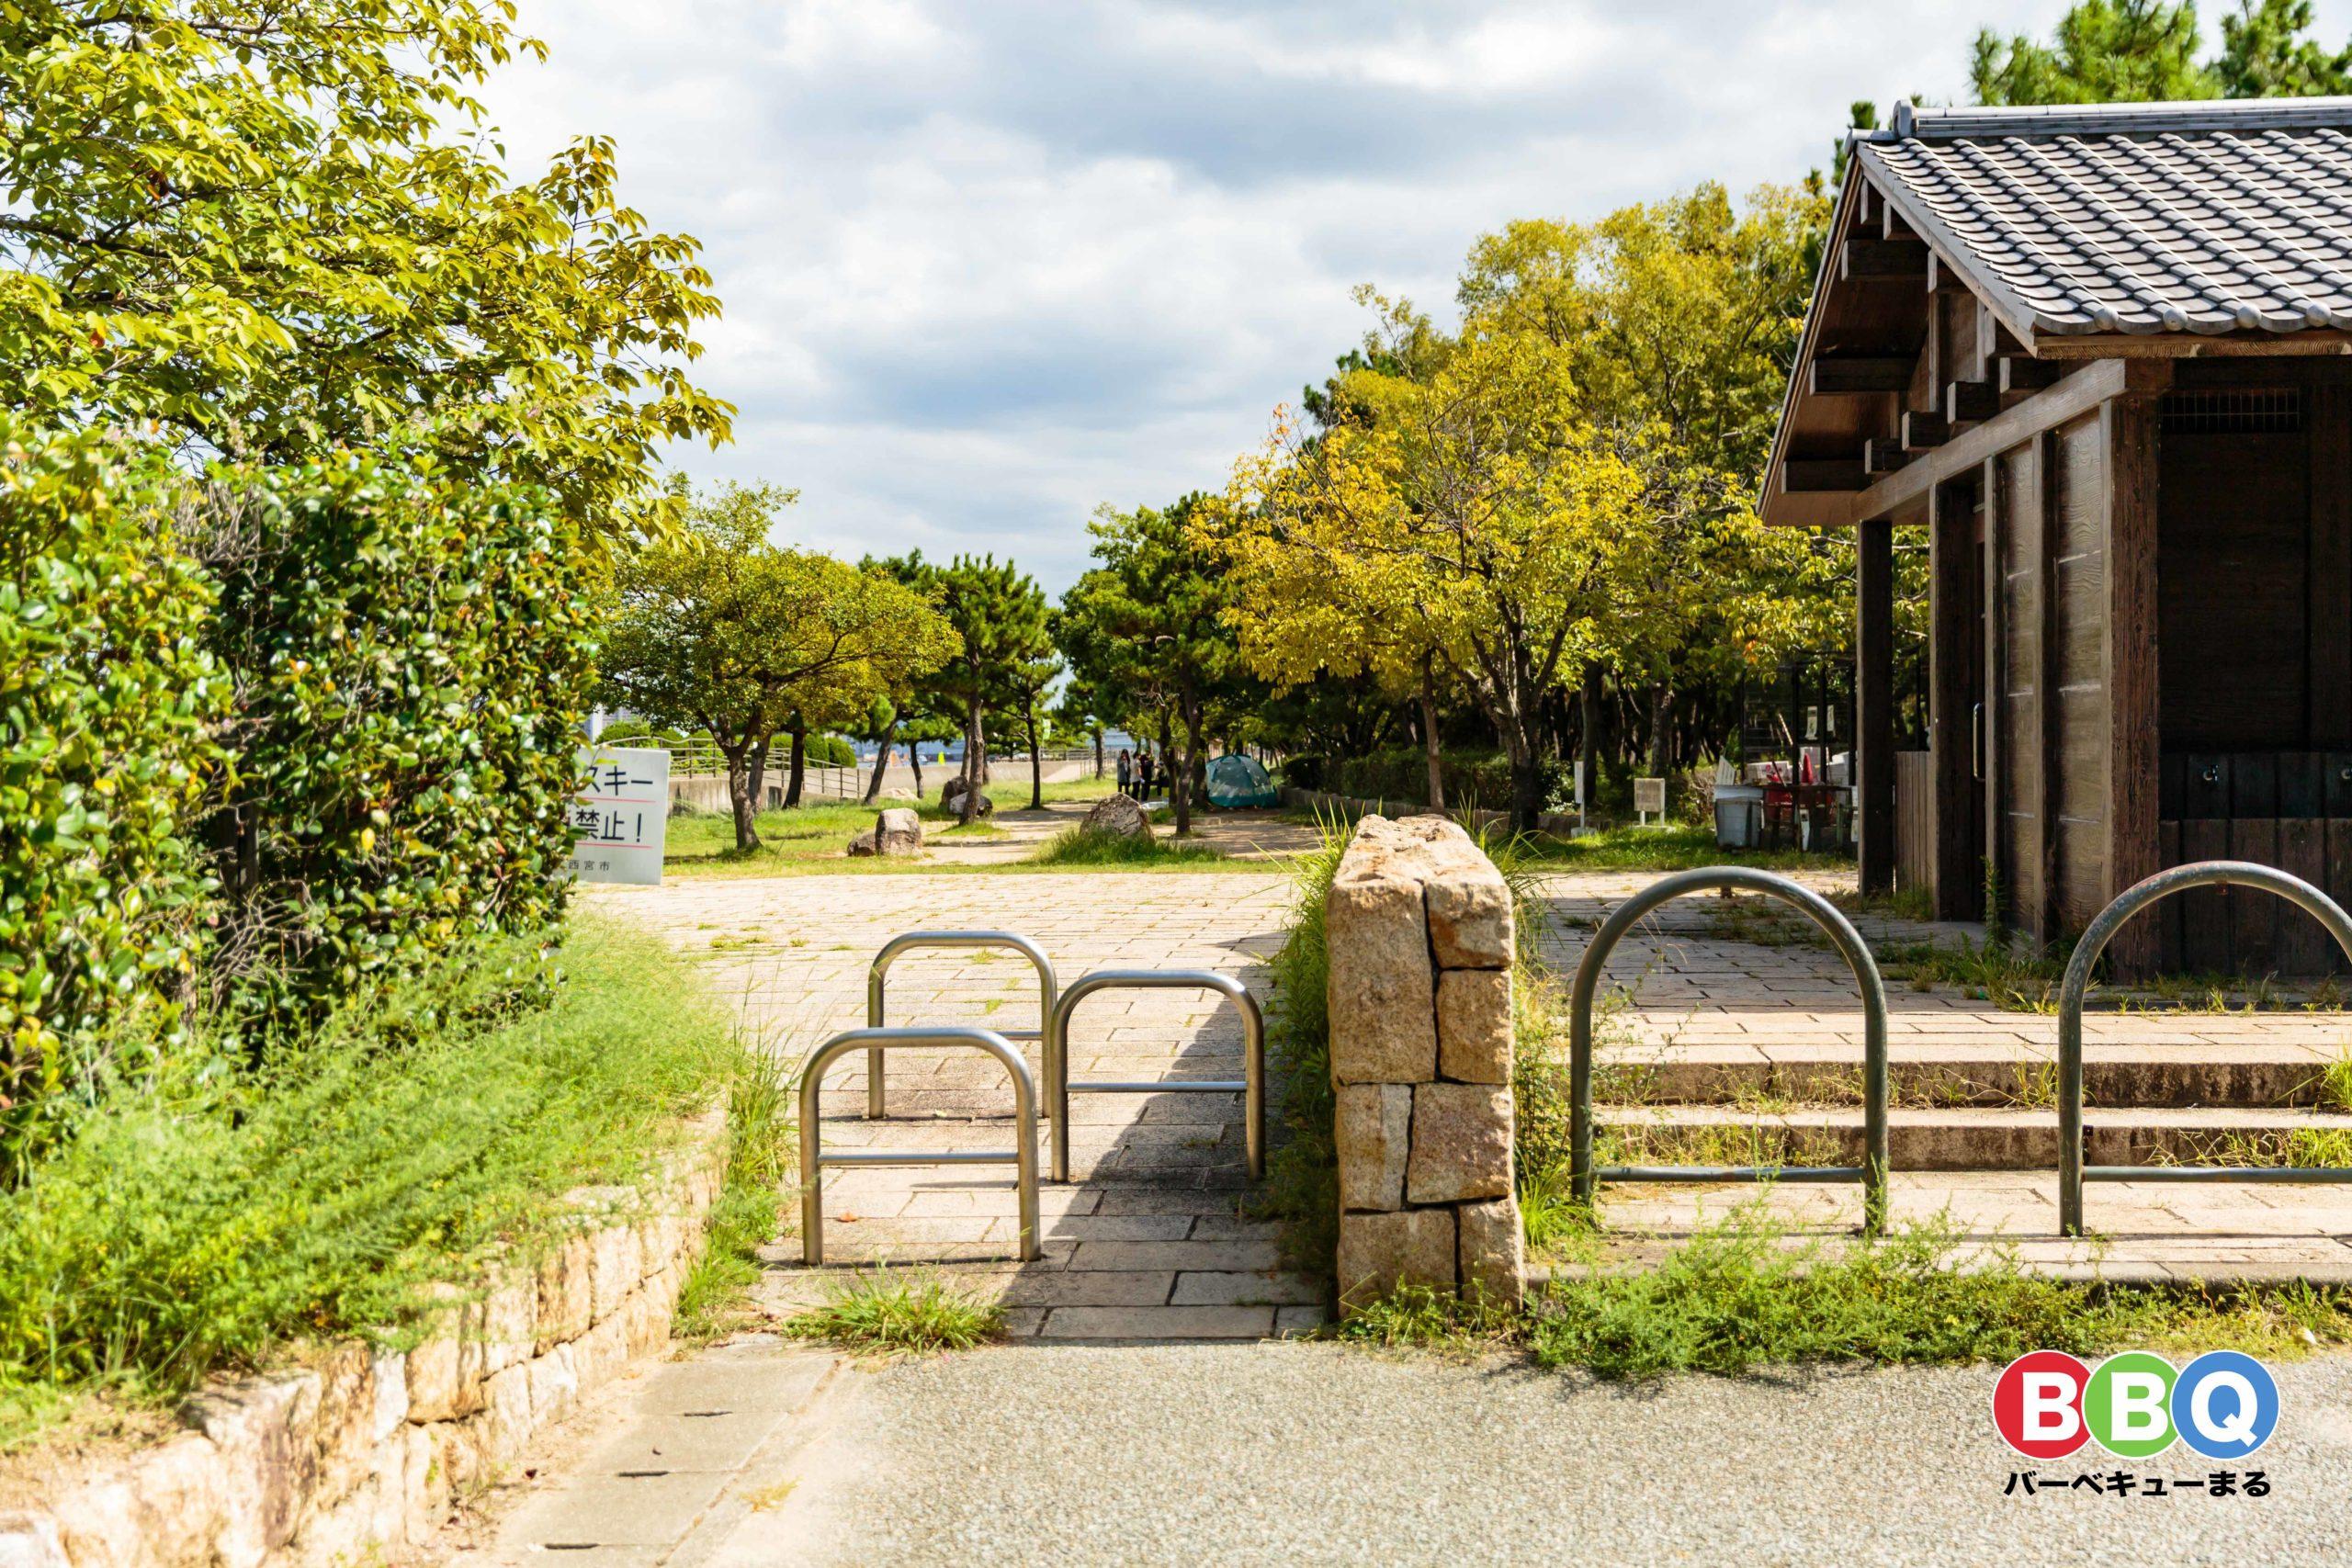 甲子園浜海浜公園沖地区の西(第一)駐車場からバーベキューエリアを望む